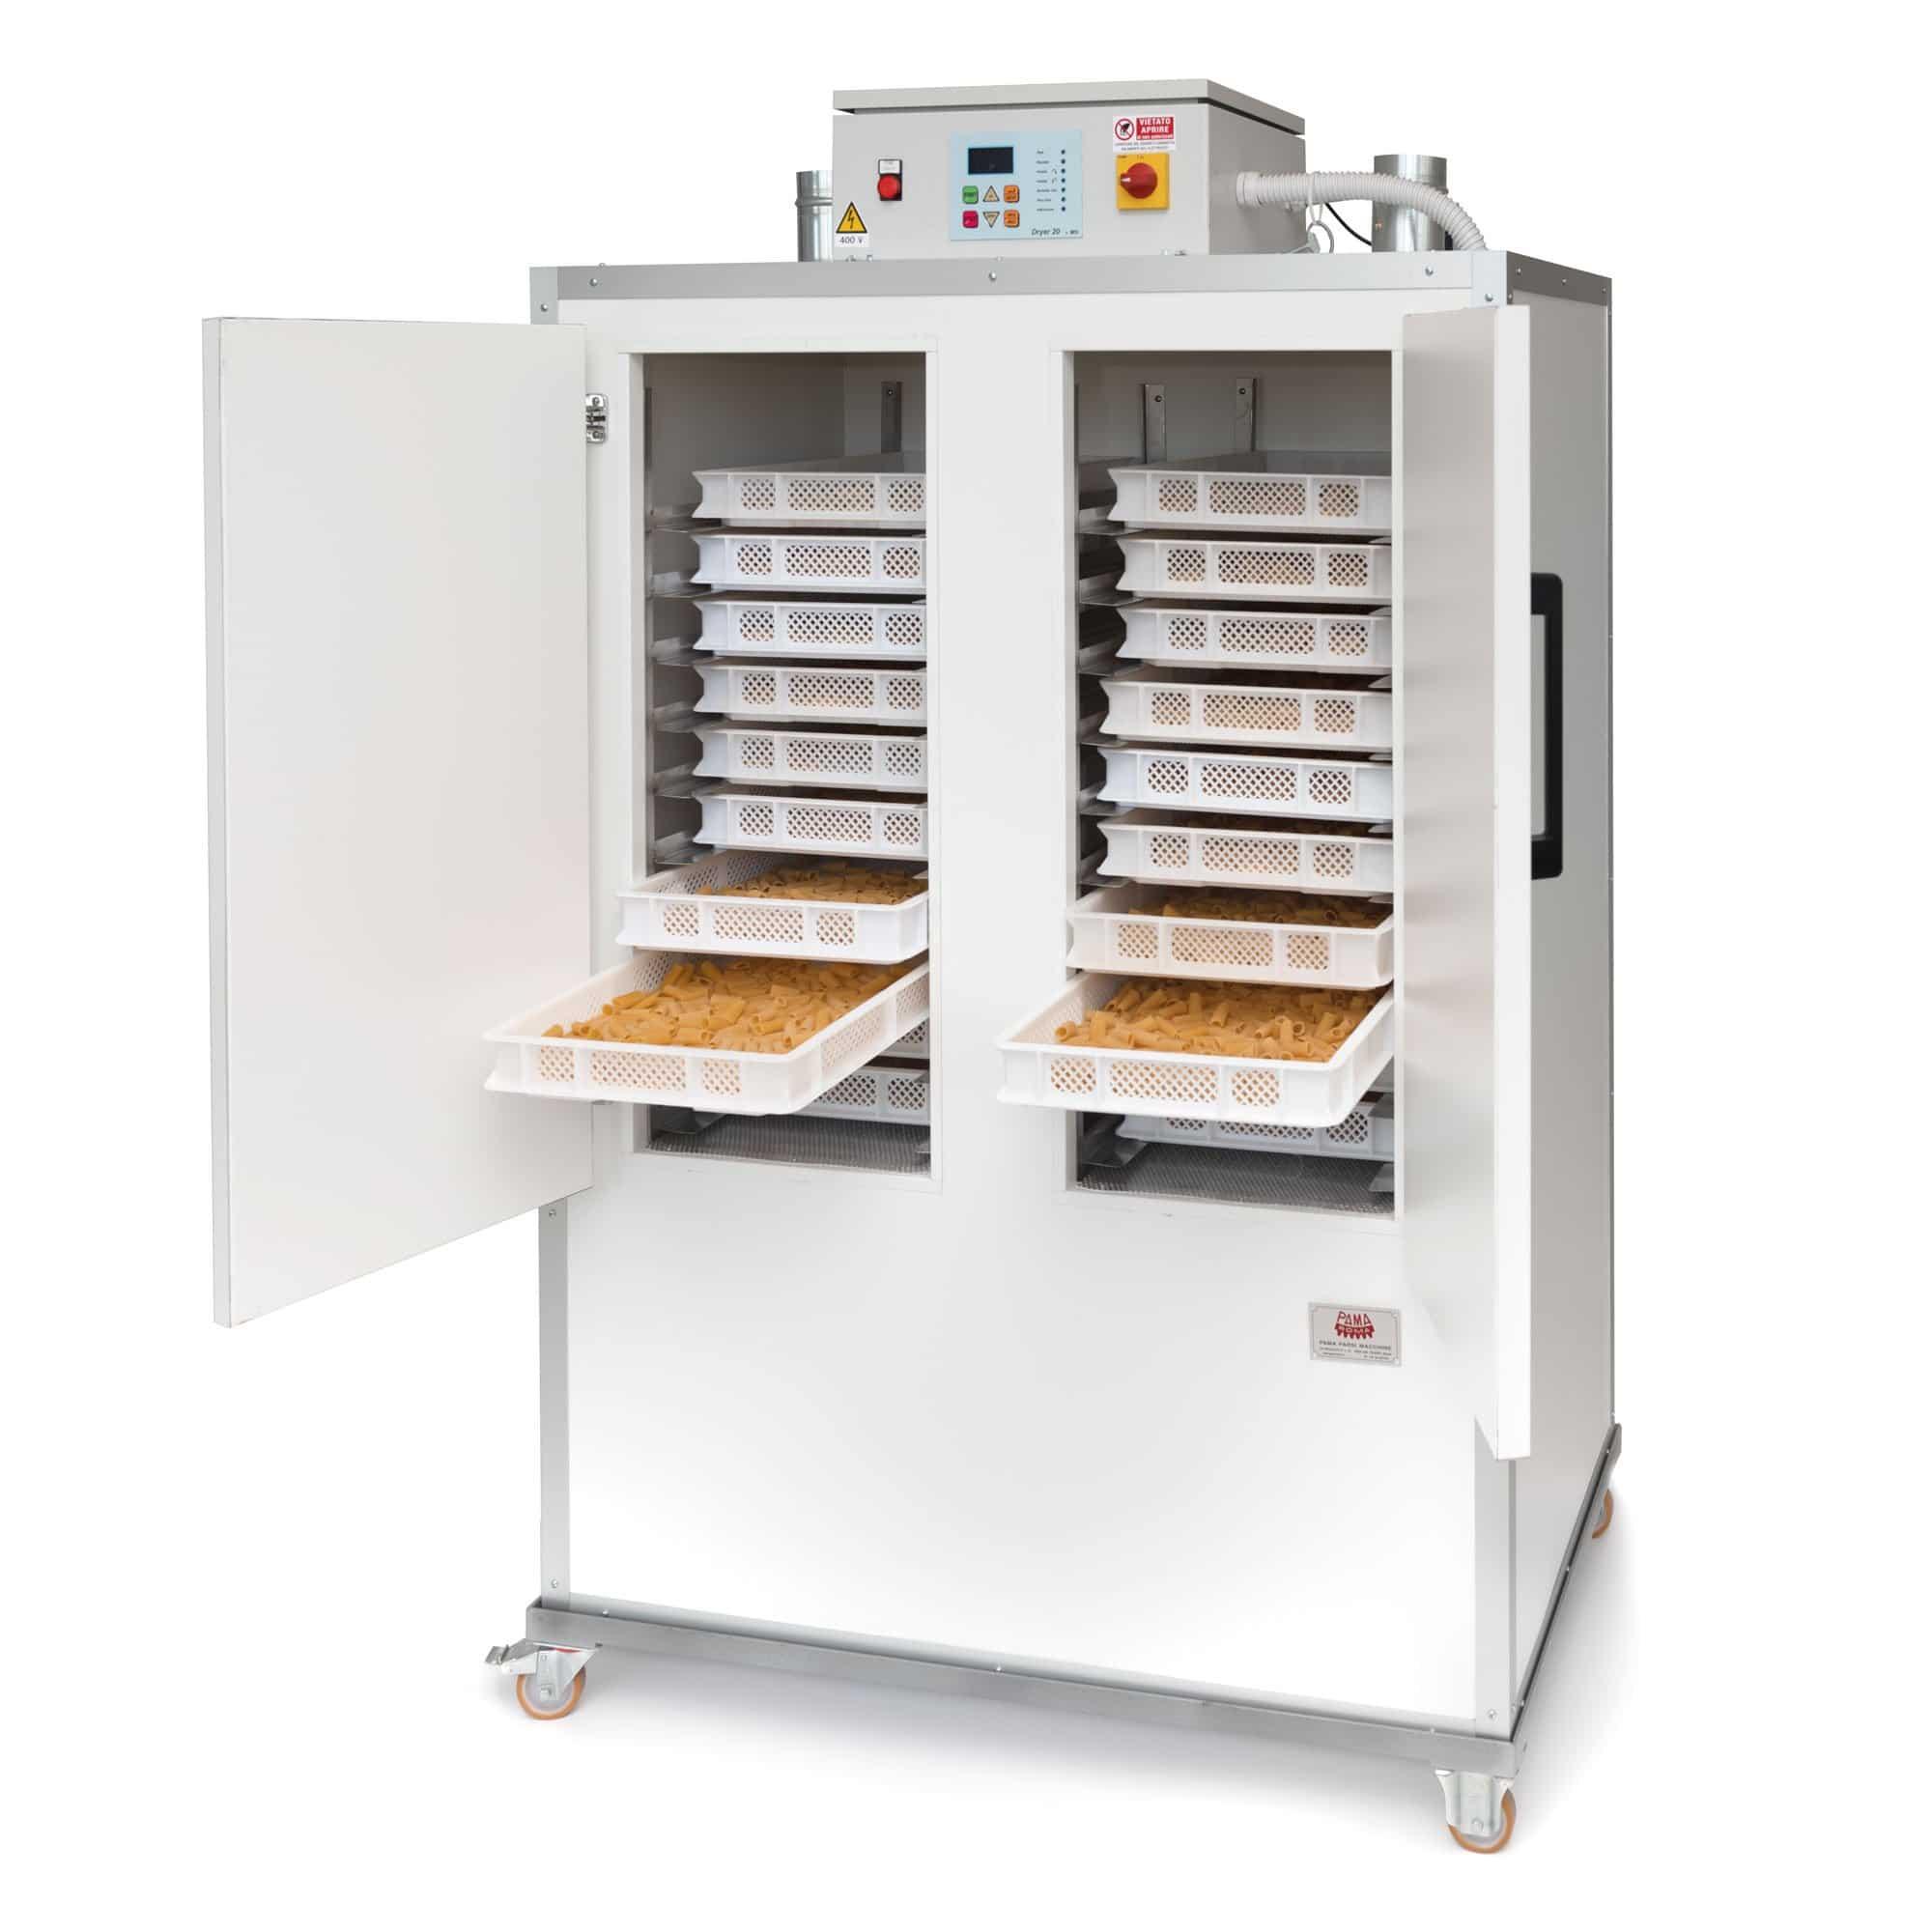 Macchinari per pastifici Essiccatoi Raffreddatori Sterilizzatori per pasta